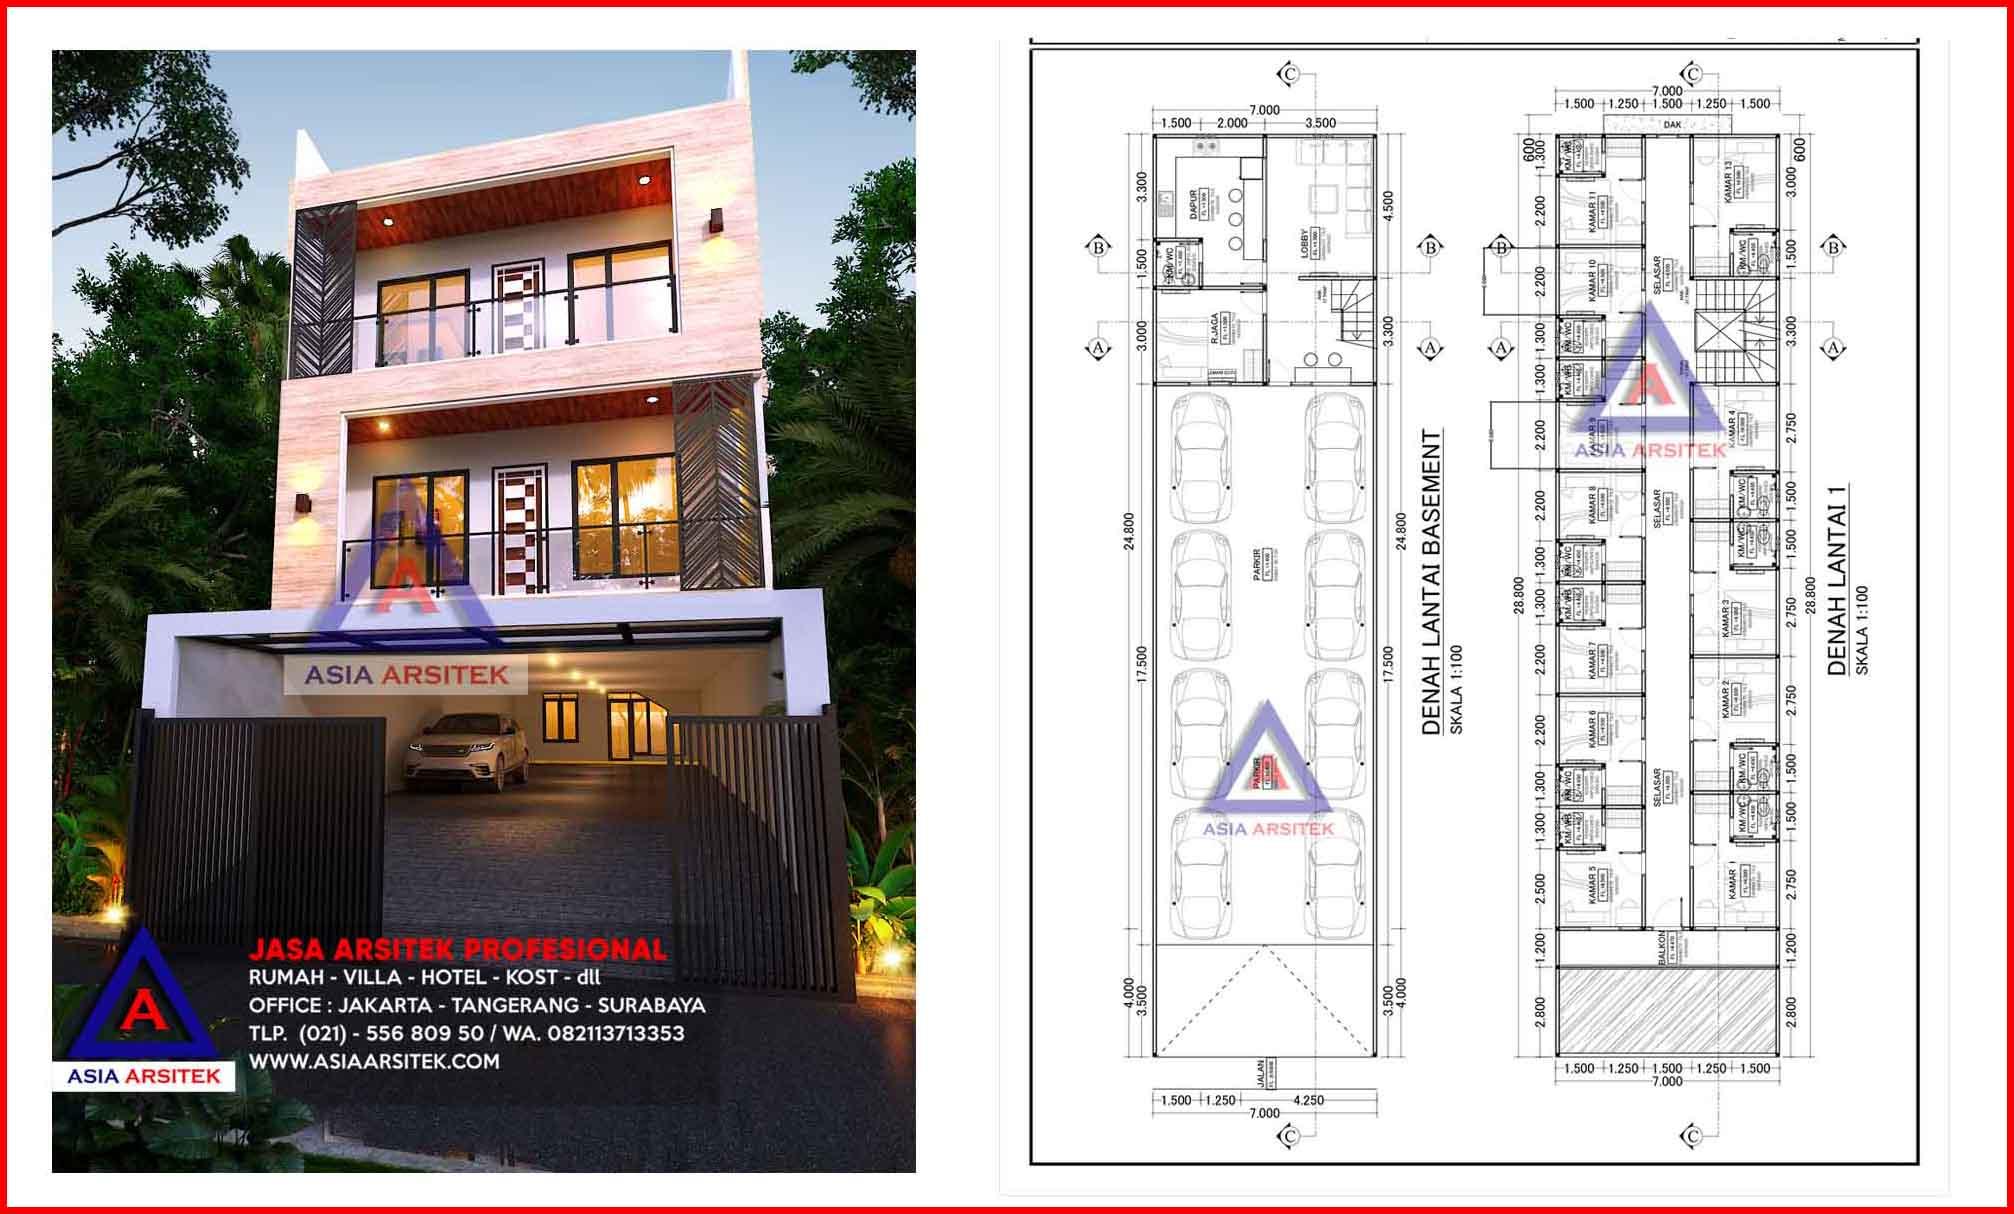 Jasa Arsitek Desain Kontraktor Rumah Kost 3 Lantai 26 Kamar